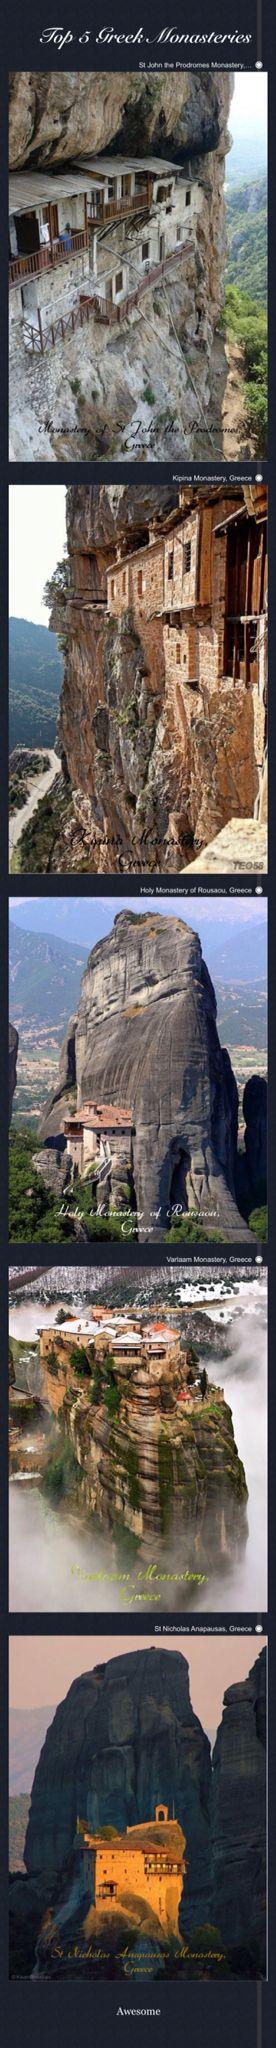 Top 5 Greek Monasteries